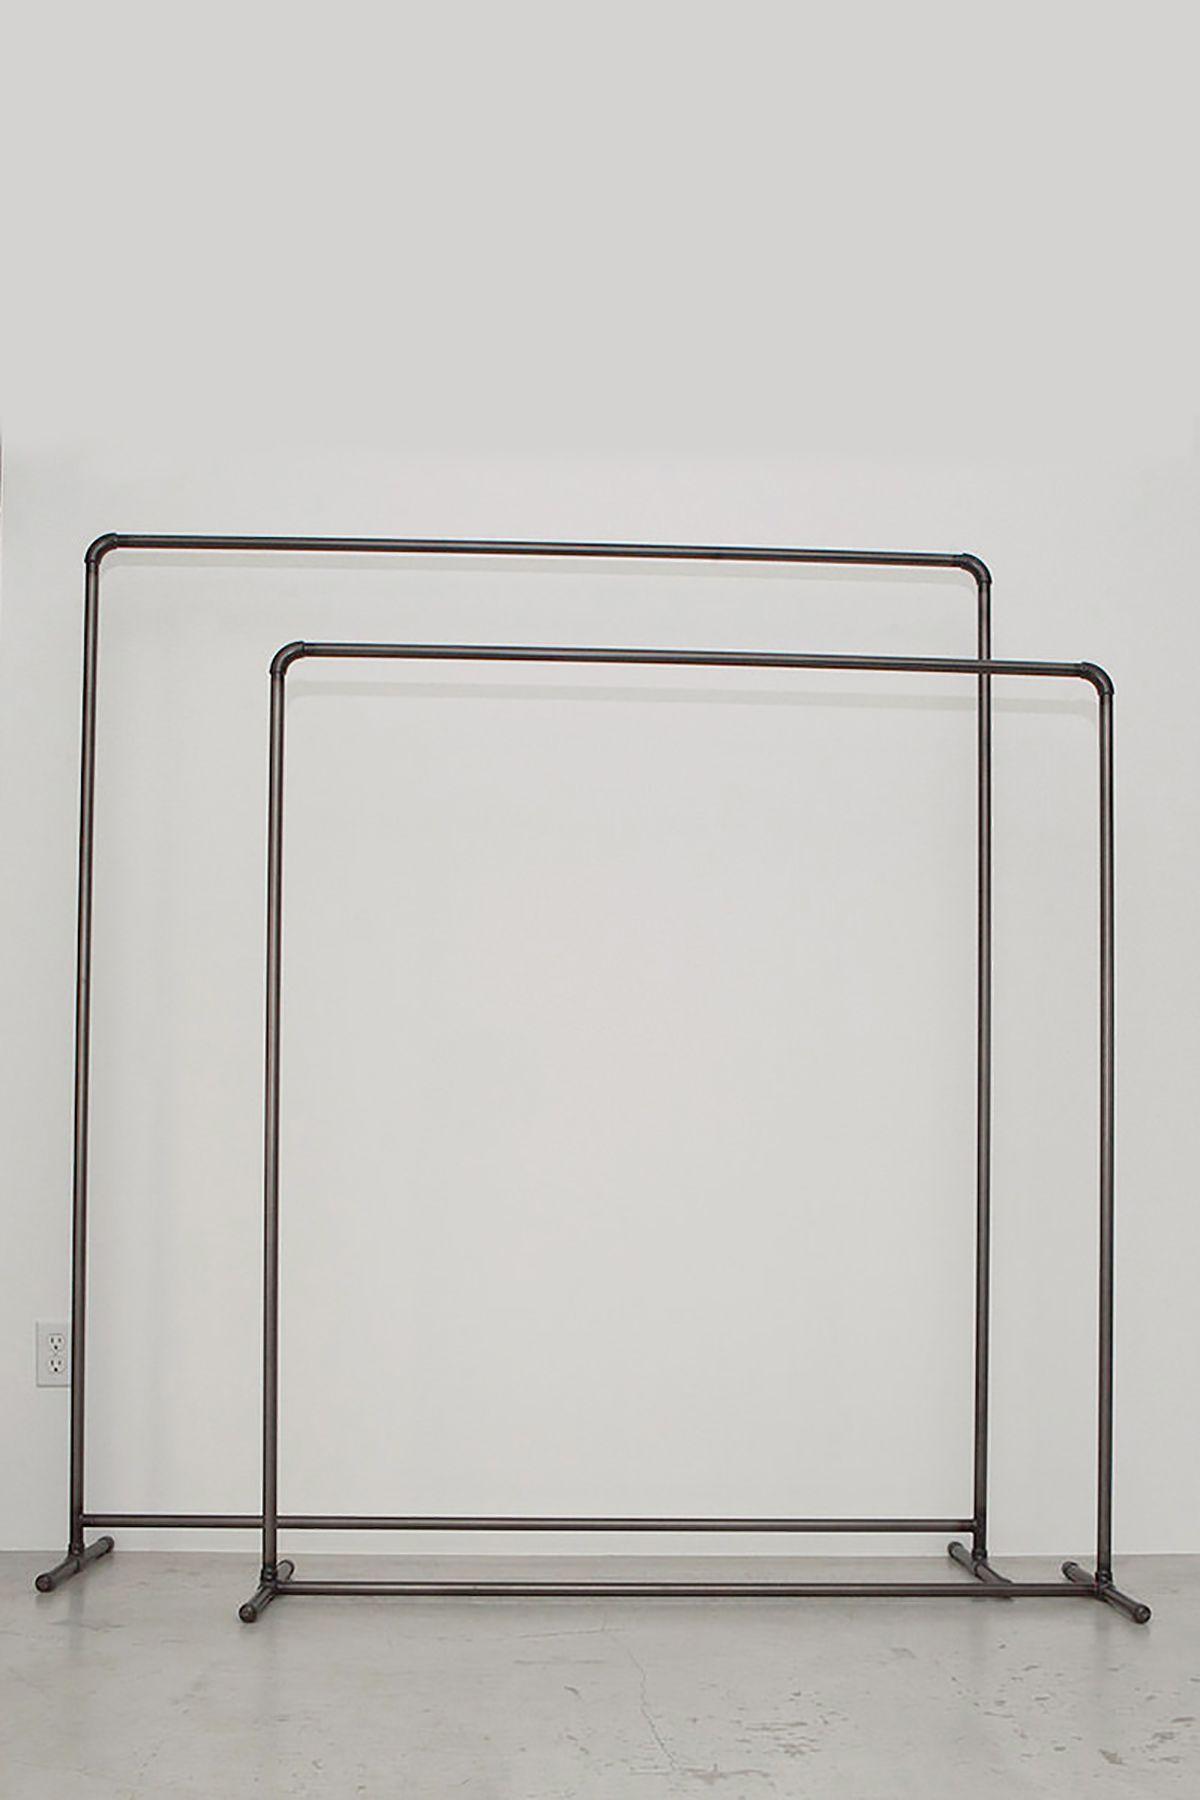 RE studio (アールイースタジオ)S:130×145 L:150×170(Sx1,Lx2)